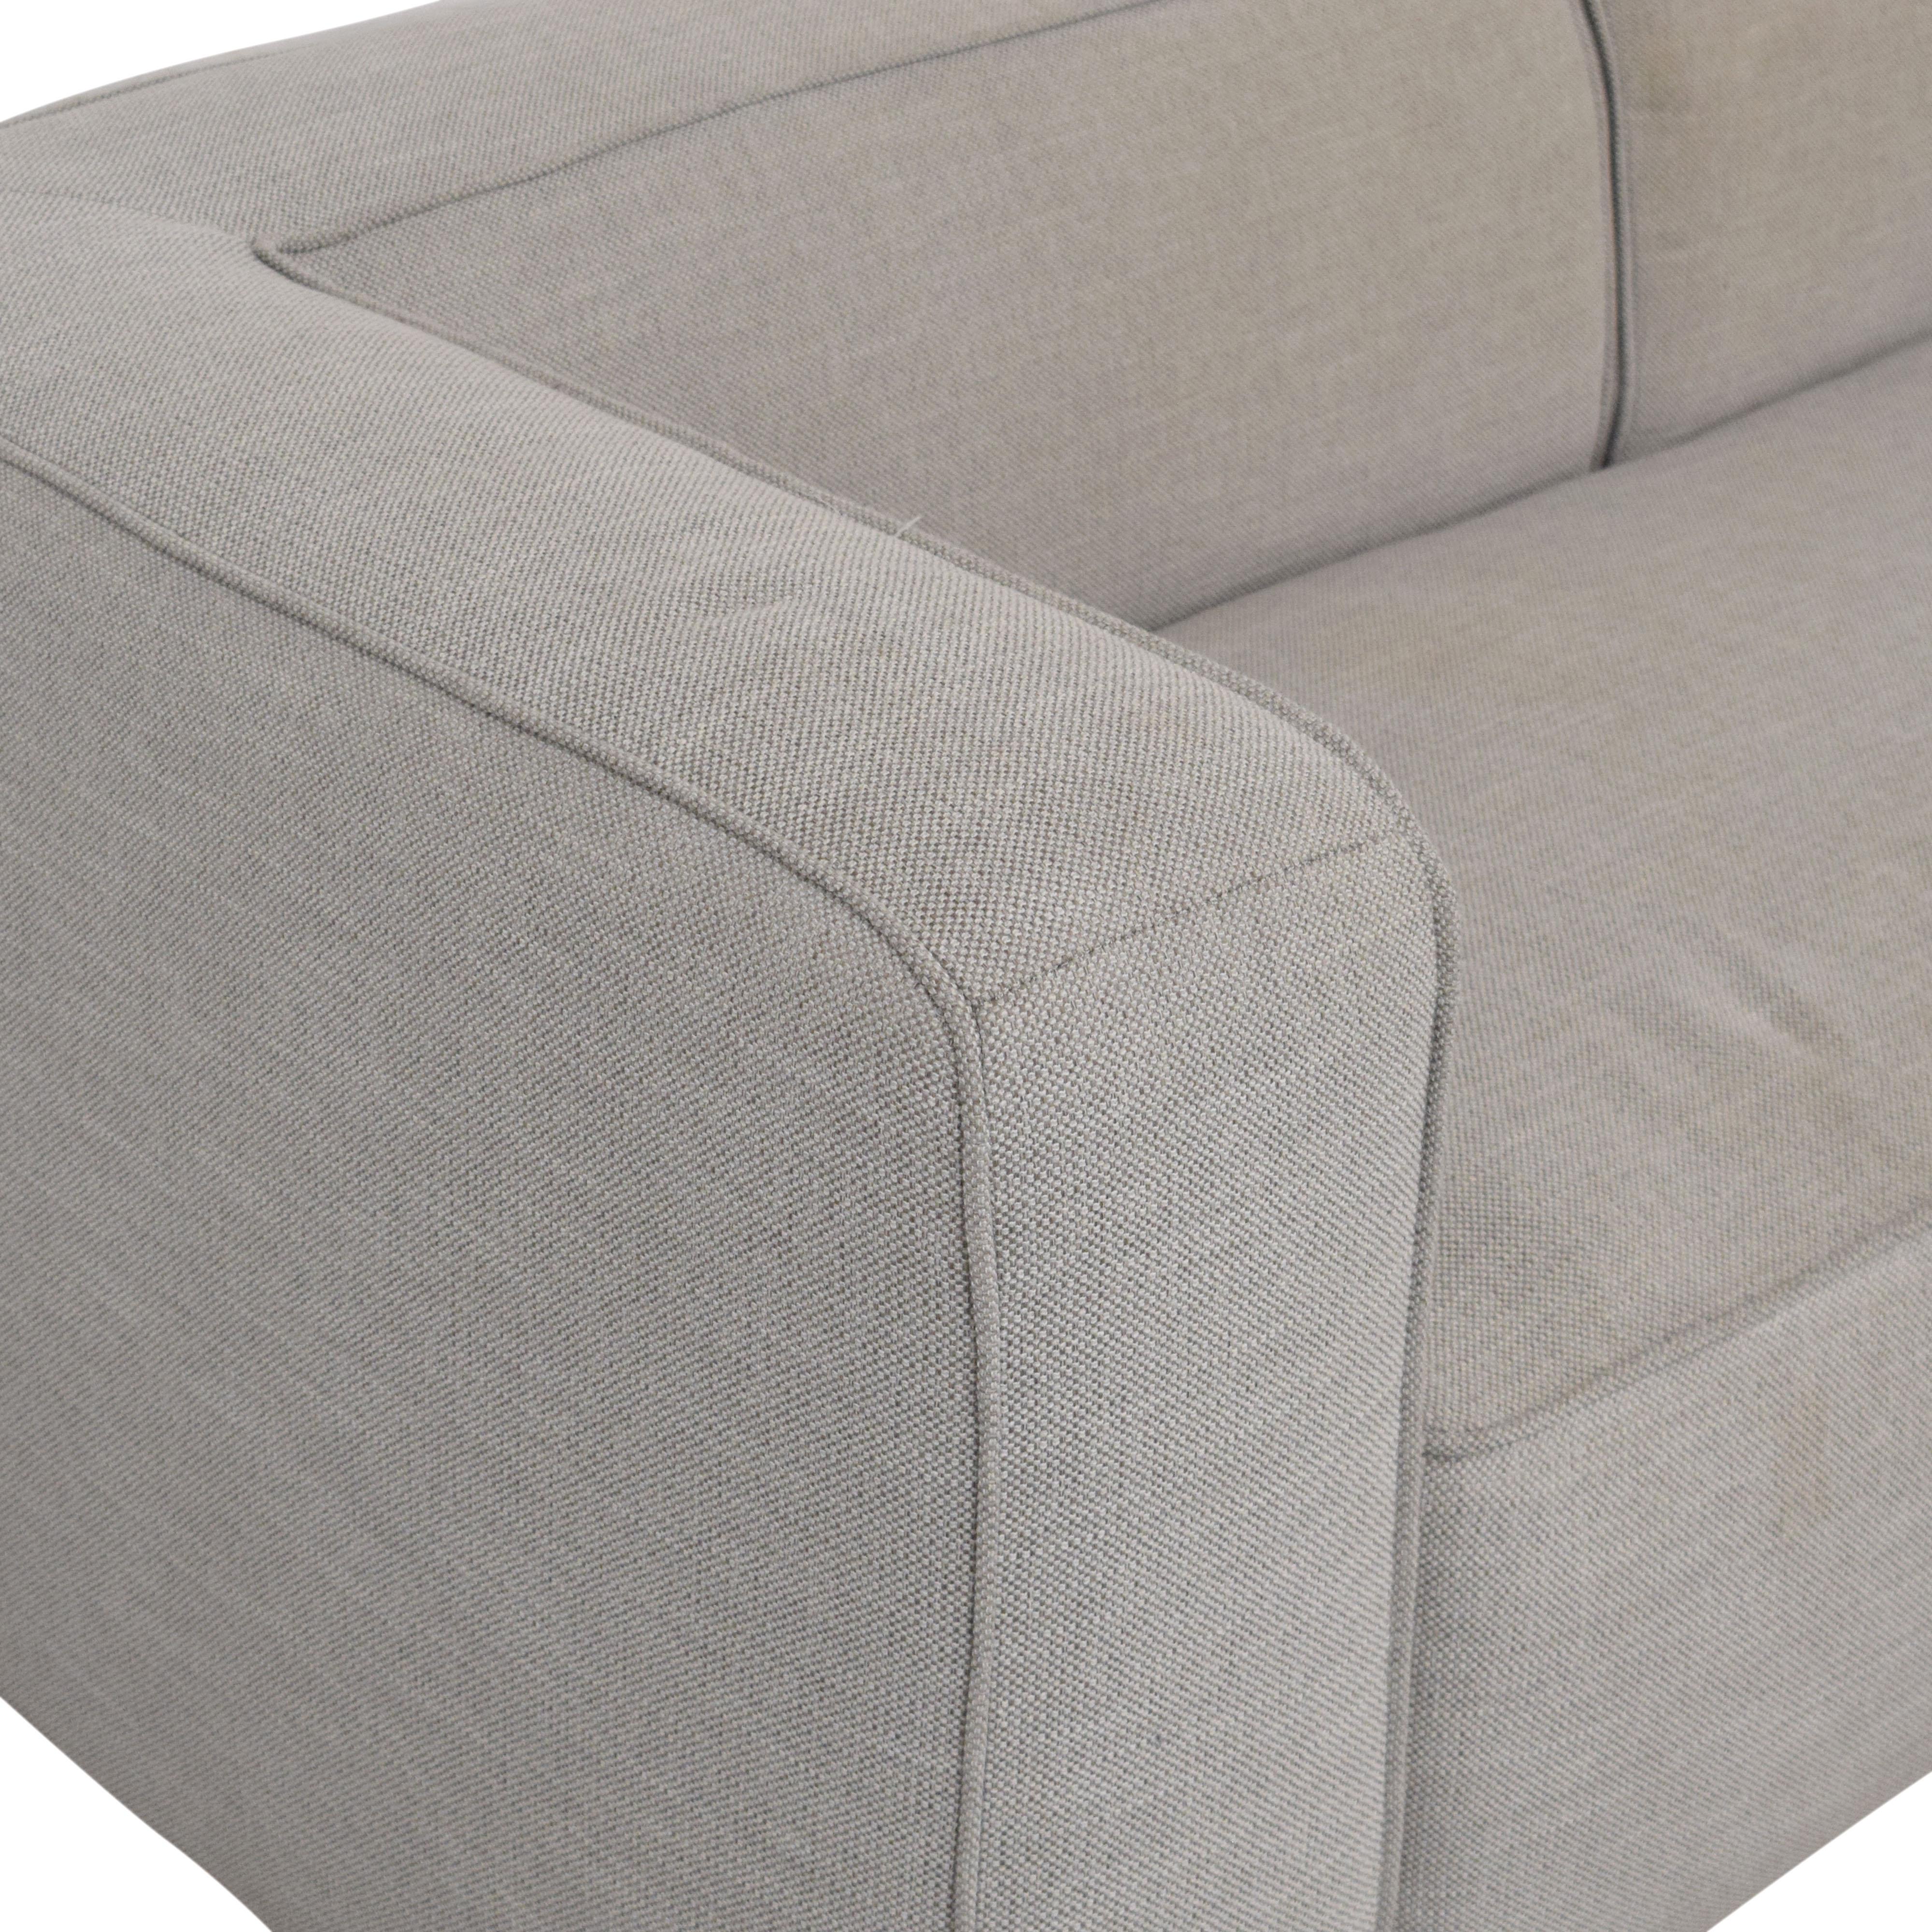 CB2 CB2 Lenyx Sofa price